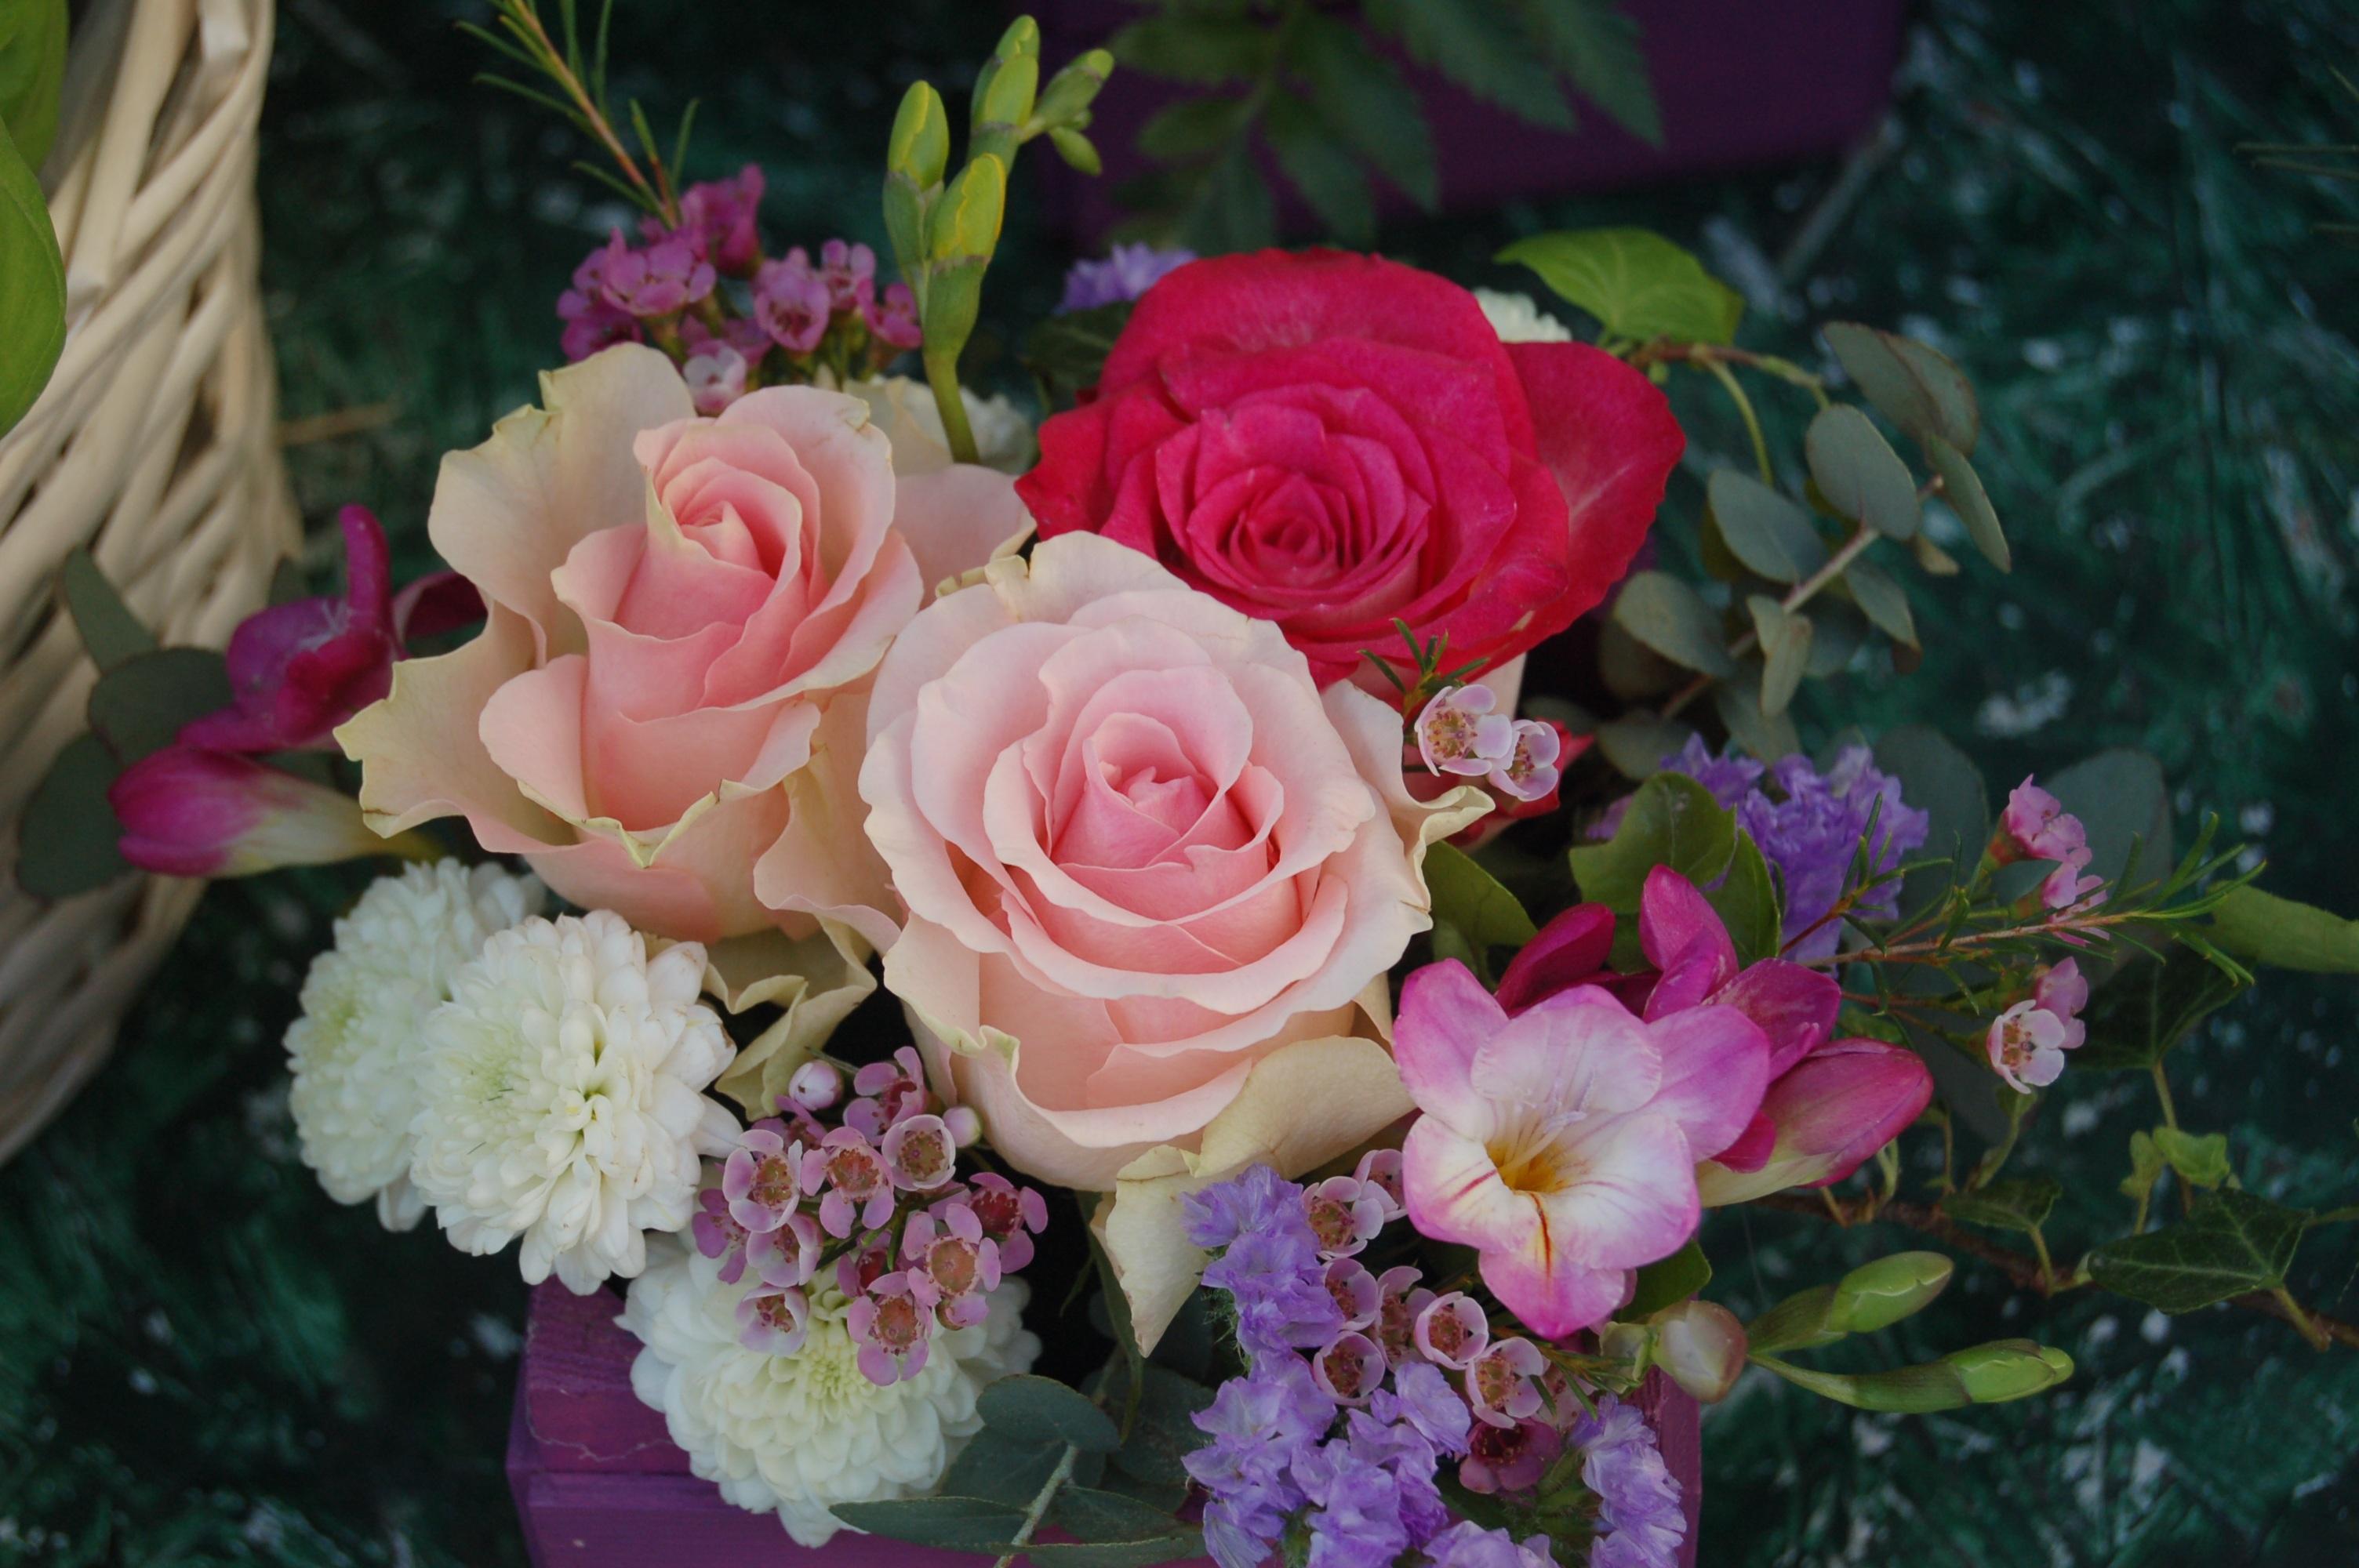 بالصور ورود جميلة , اجمل الورود و الذهور الرائعه 765